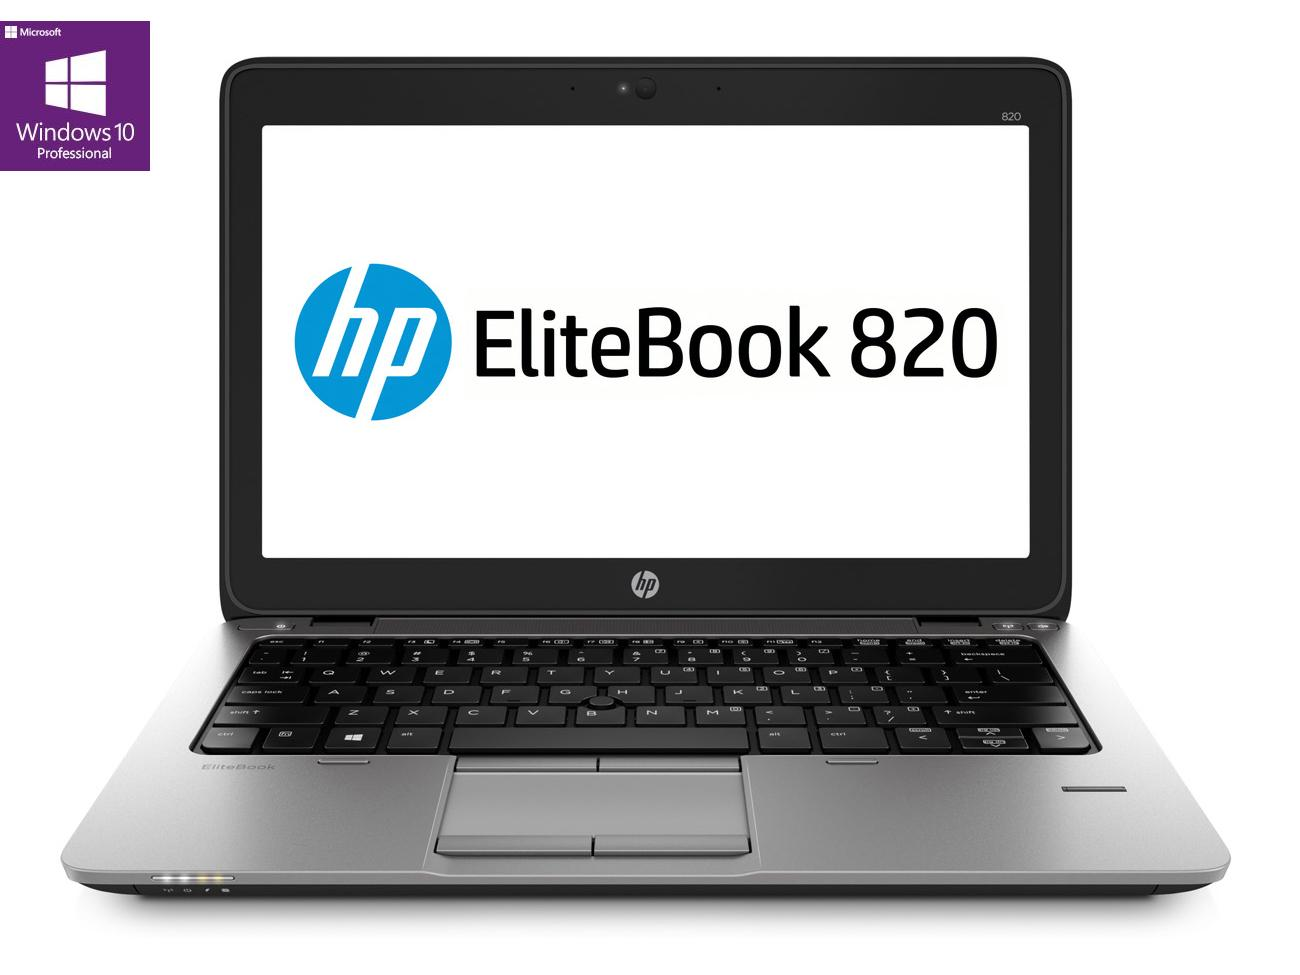 Hewlett Packard EliteBook 820 G2 Touch